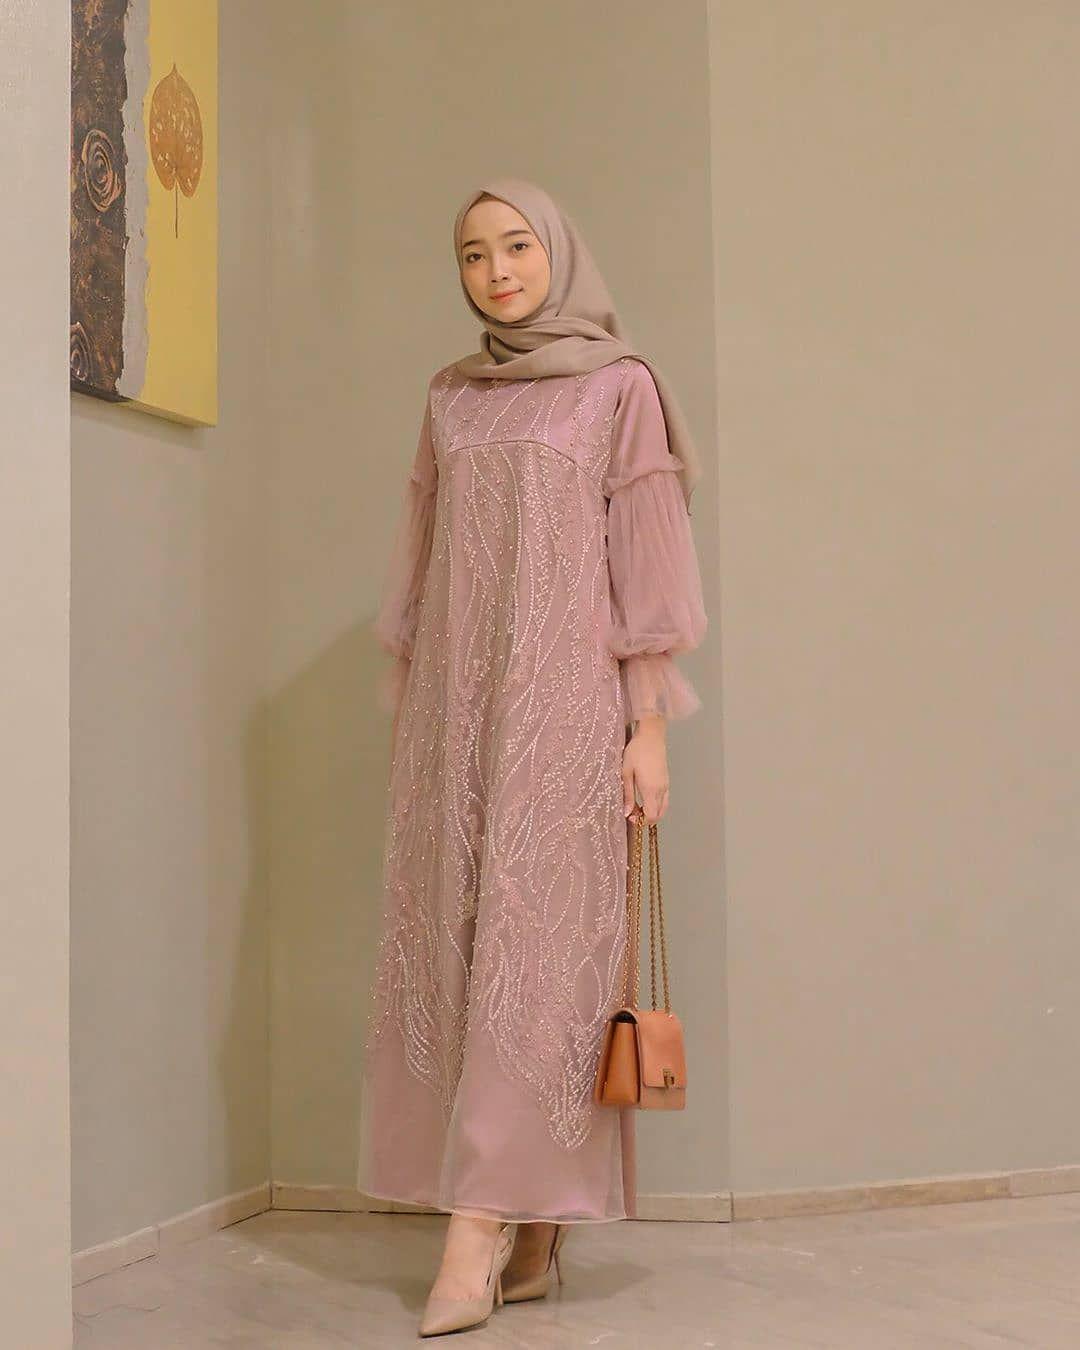 Model Baju Brokat Muslim : model, brokat, muslim, Gambar, Mungkin, Berisi:, Orang, Lebih, Berdiri, Model, Wanita,, Pakaian, Baru,